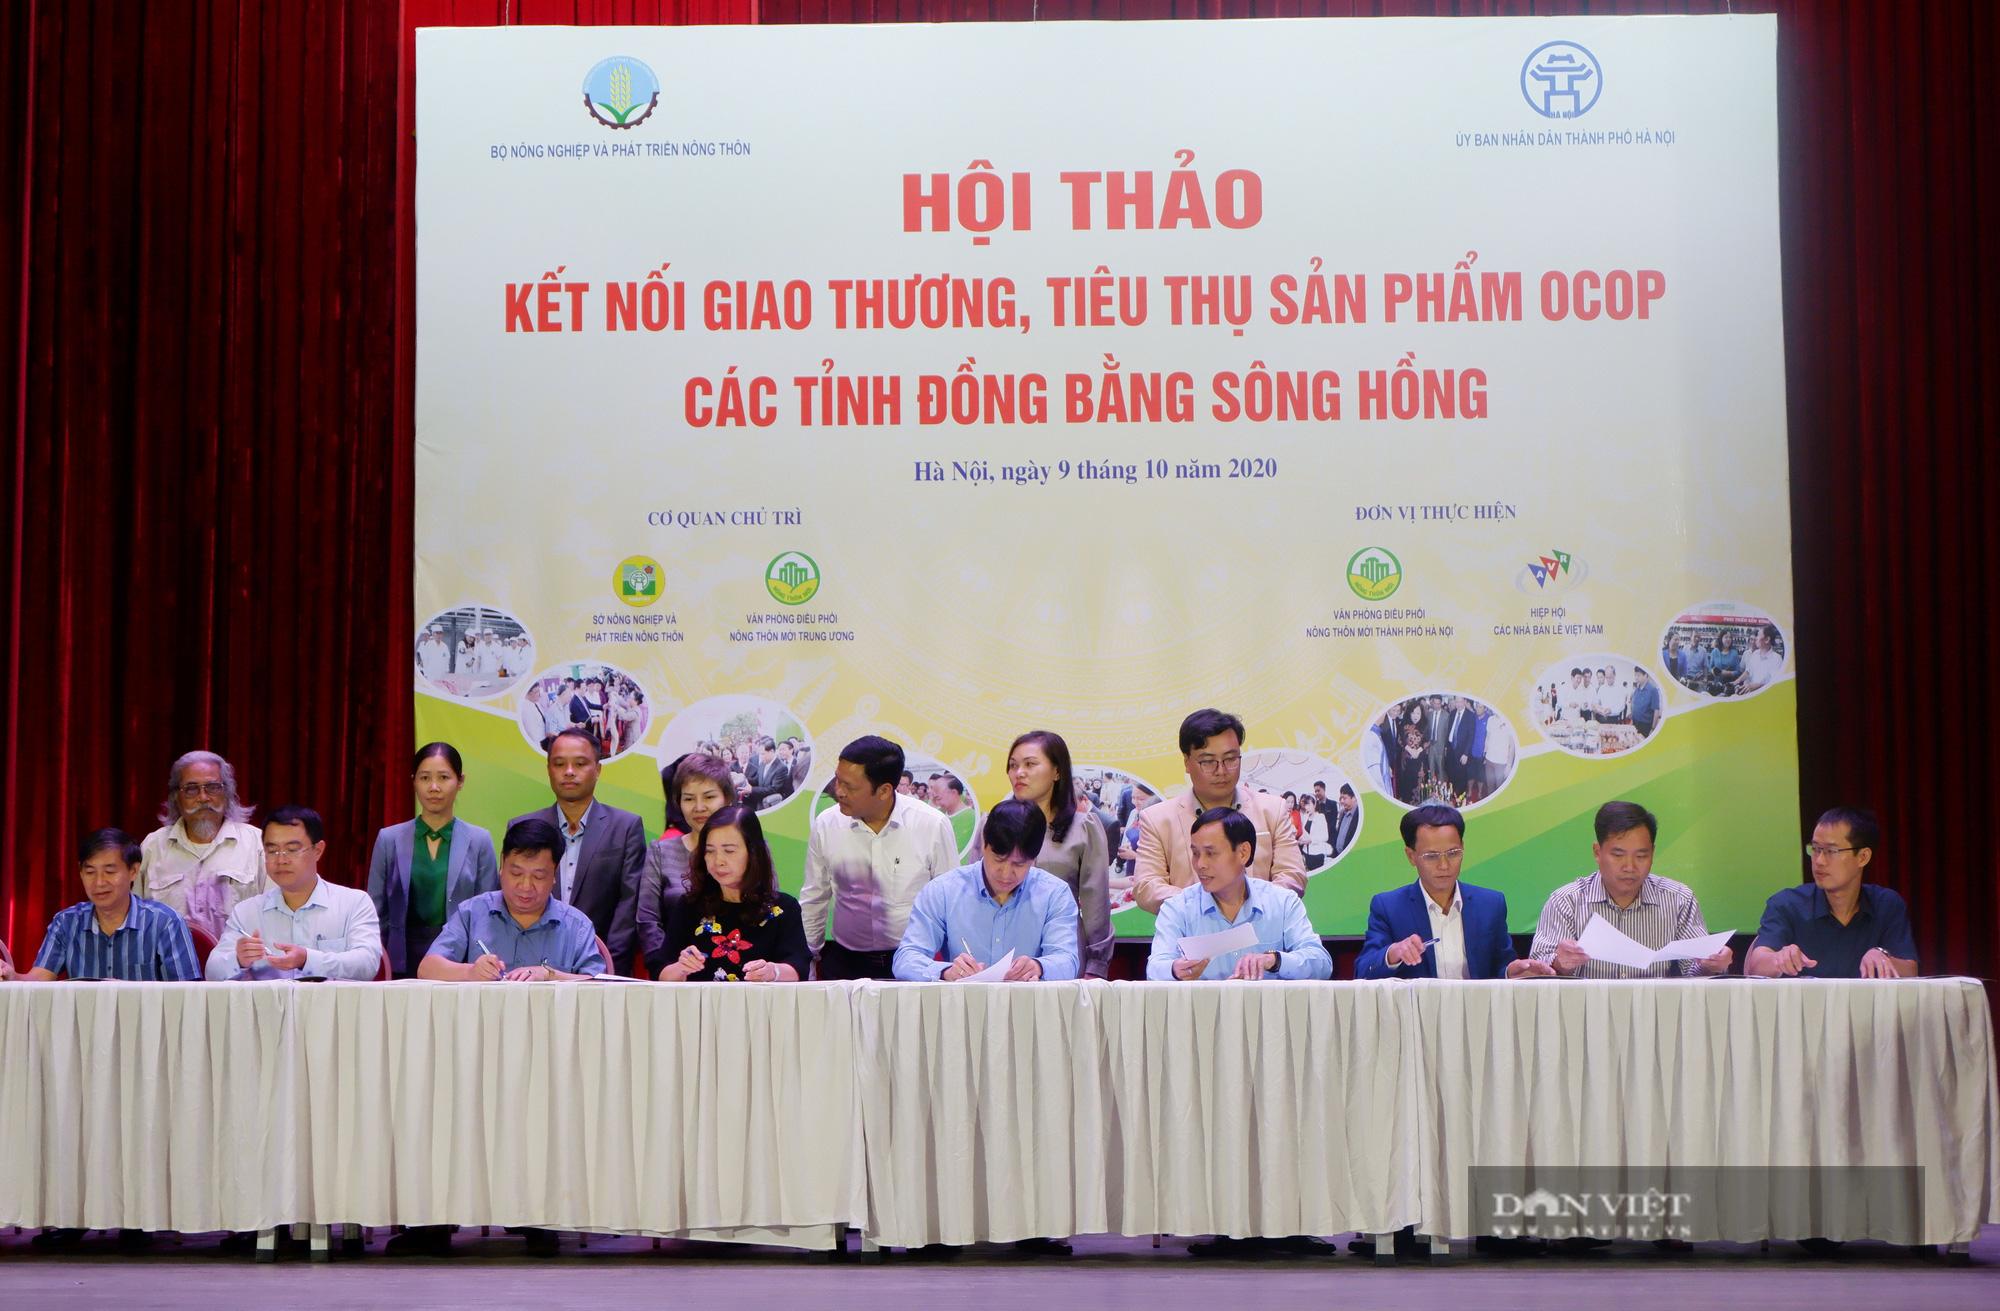 Hà Nội: Quy tụ hàng nghìn sản phẩm nông sản đặc sắc, chỉ toàn là đặc sản, người dân Thủ đô hài lòng - Ảnh 6.